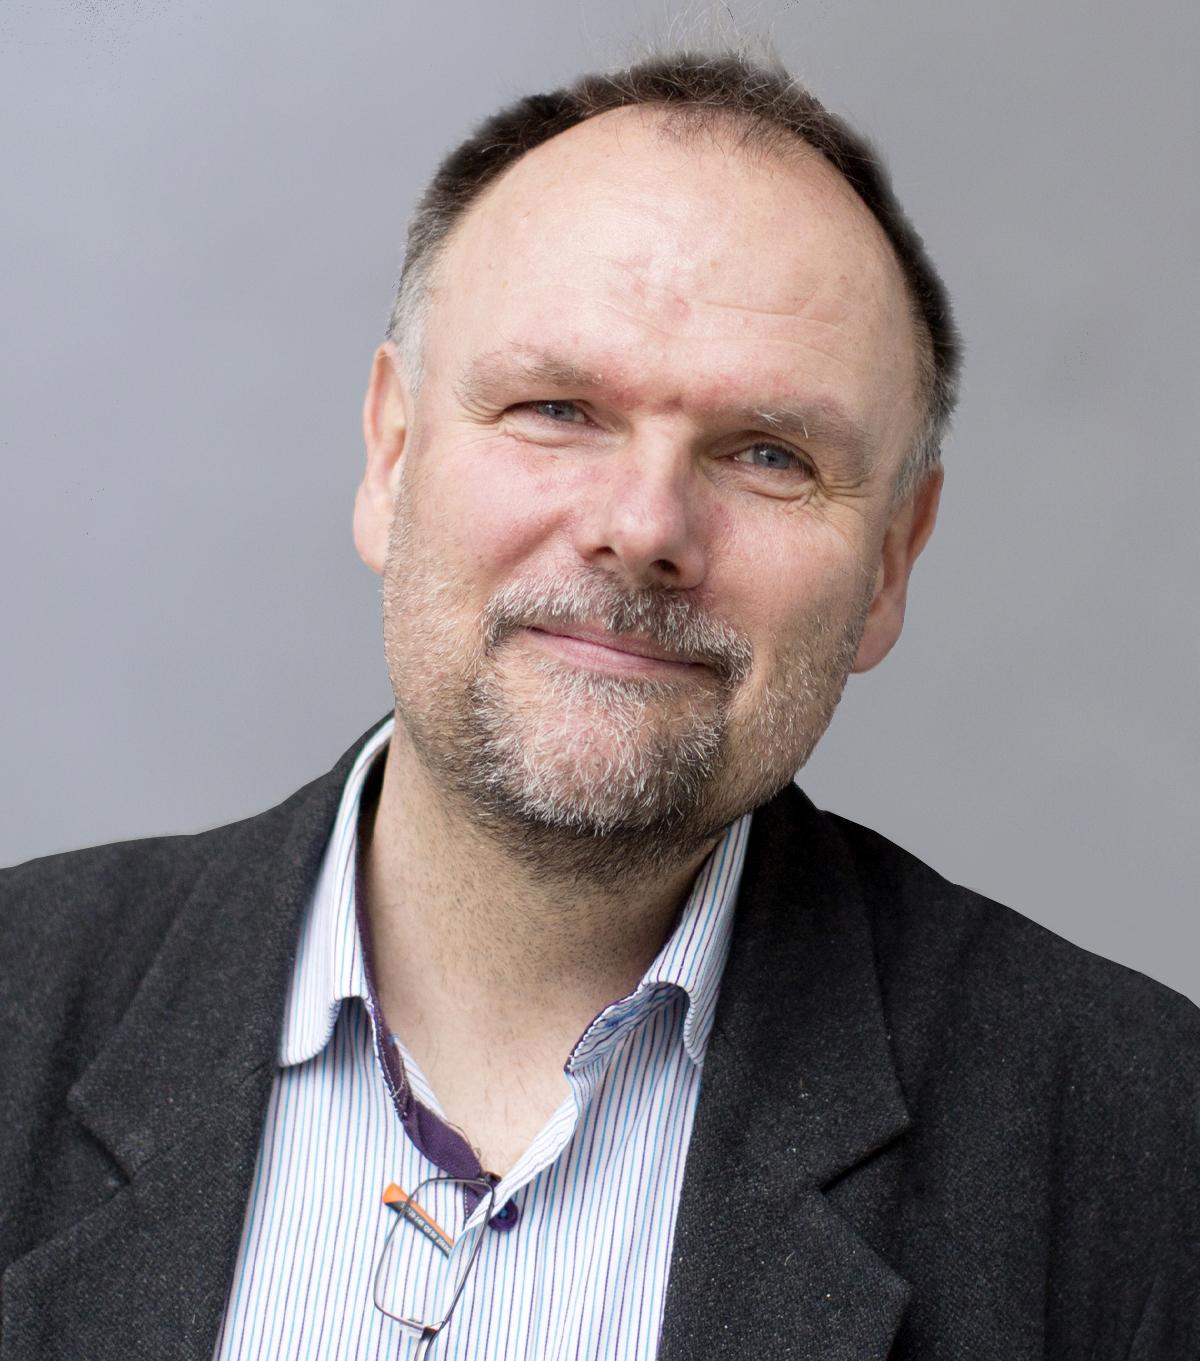 Management team: Dr Einar Pontén